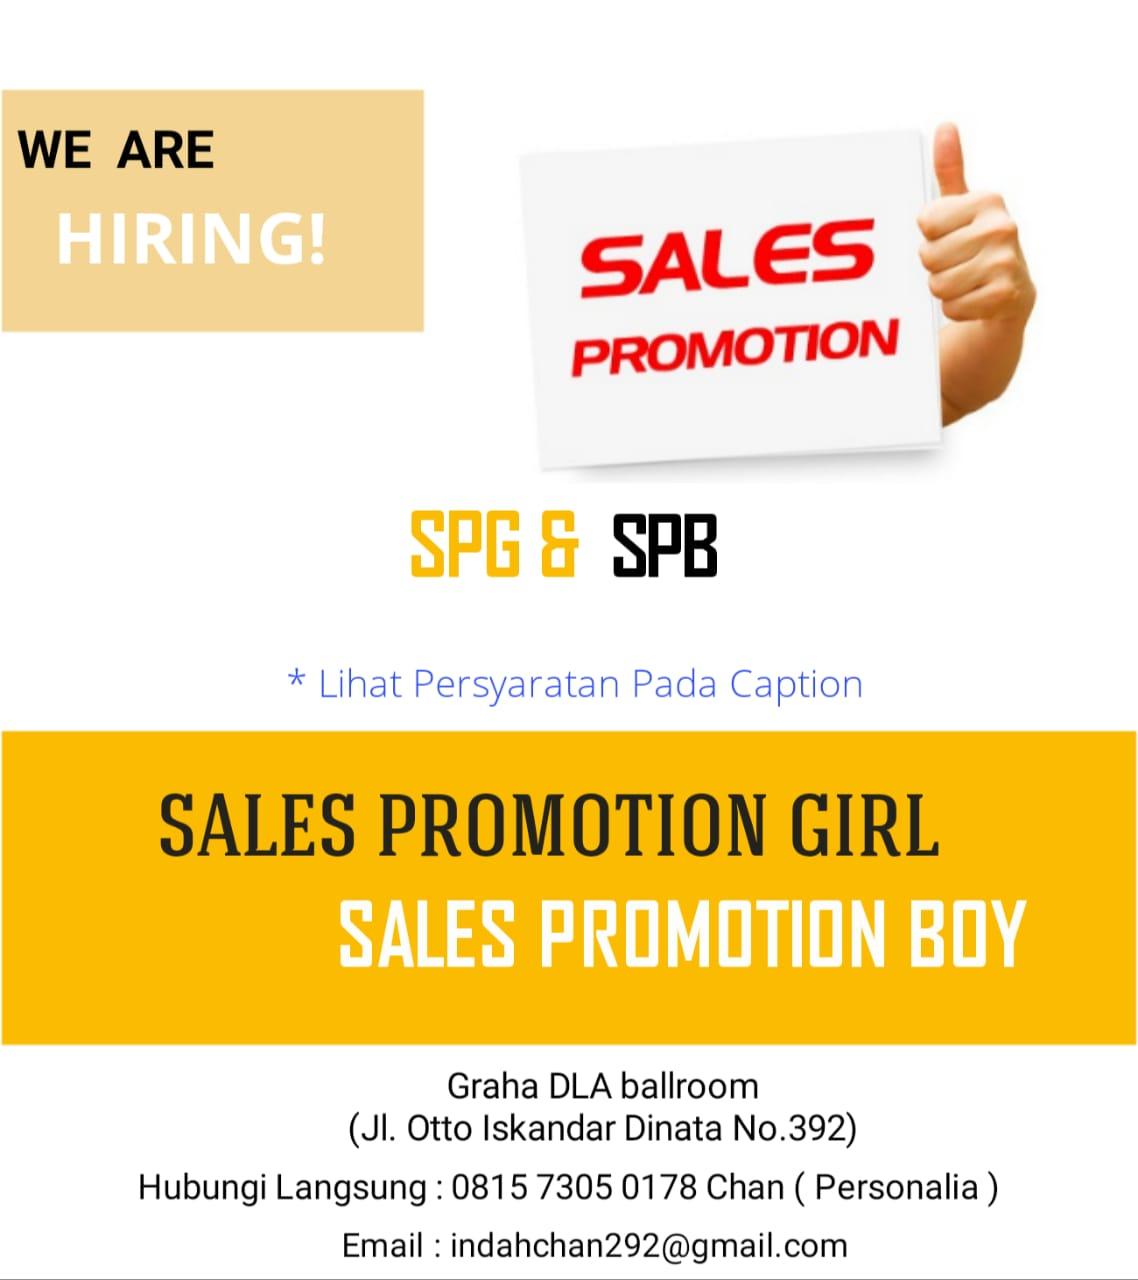 Lowongan Kerja SPG & SPB Bandung Februari 2019